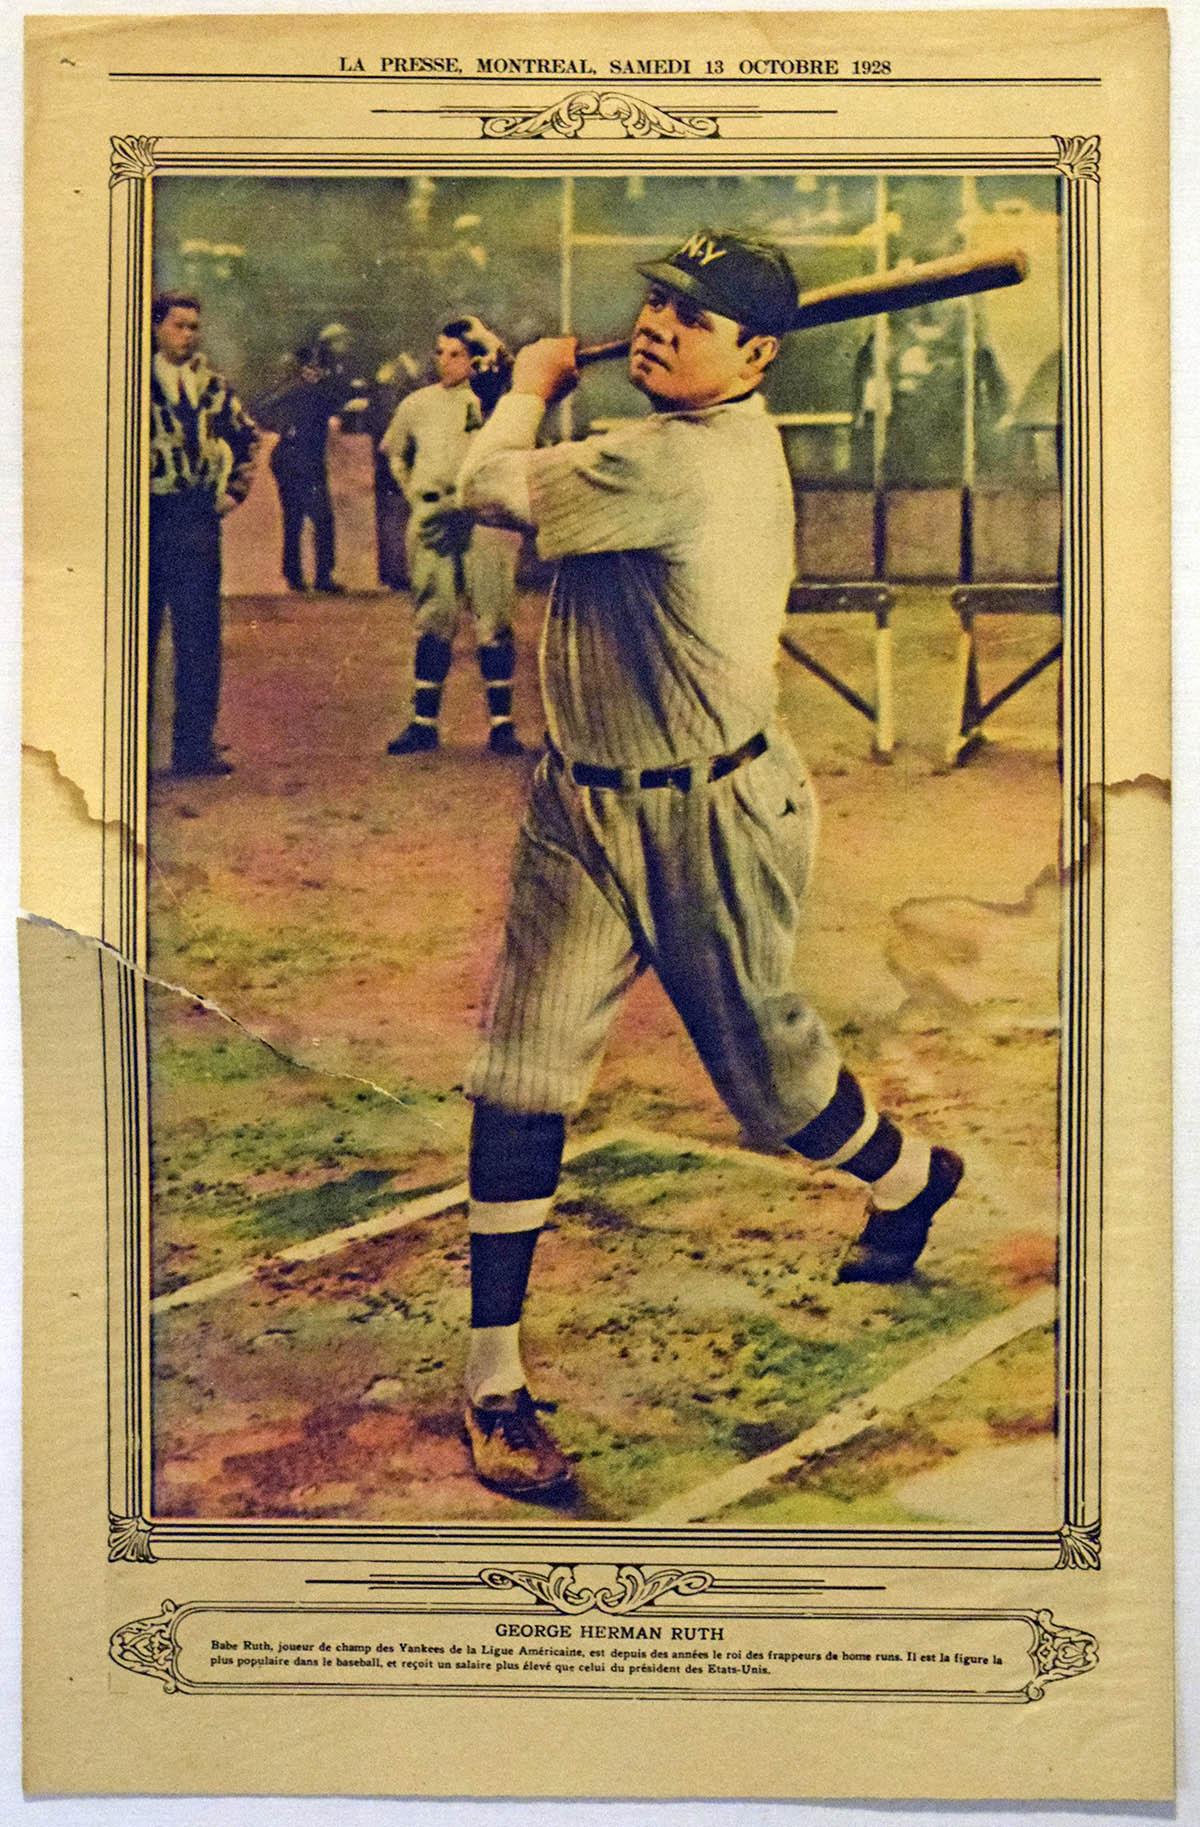 Lot #168 1928 La Presse Premium  Babe Ruth Cond: Good